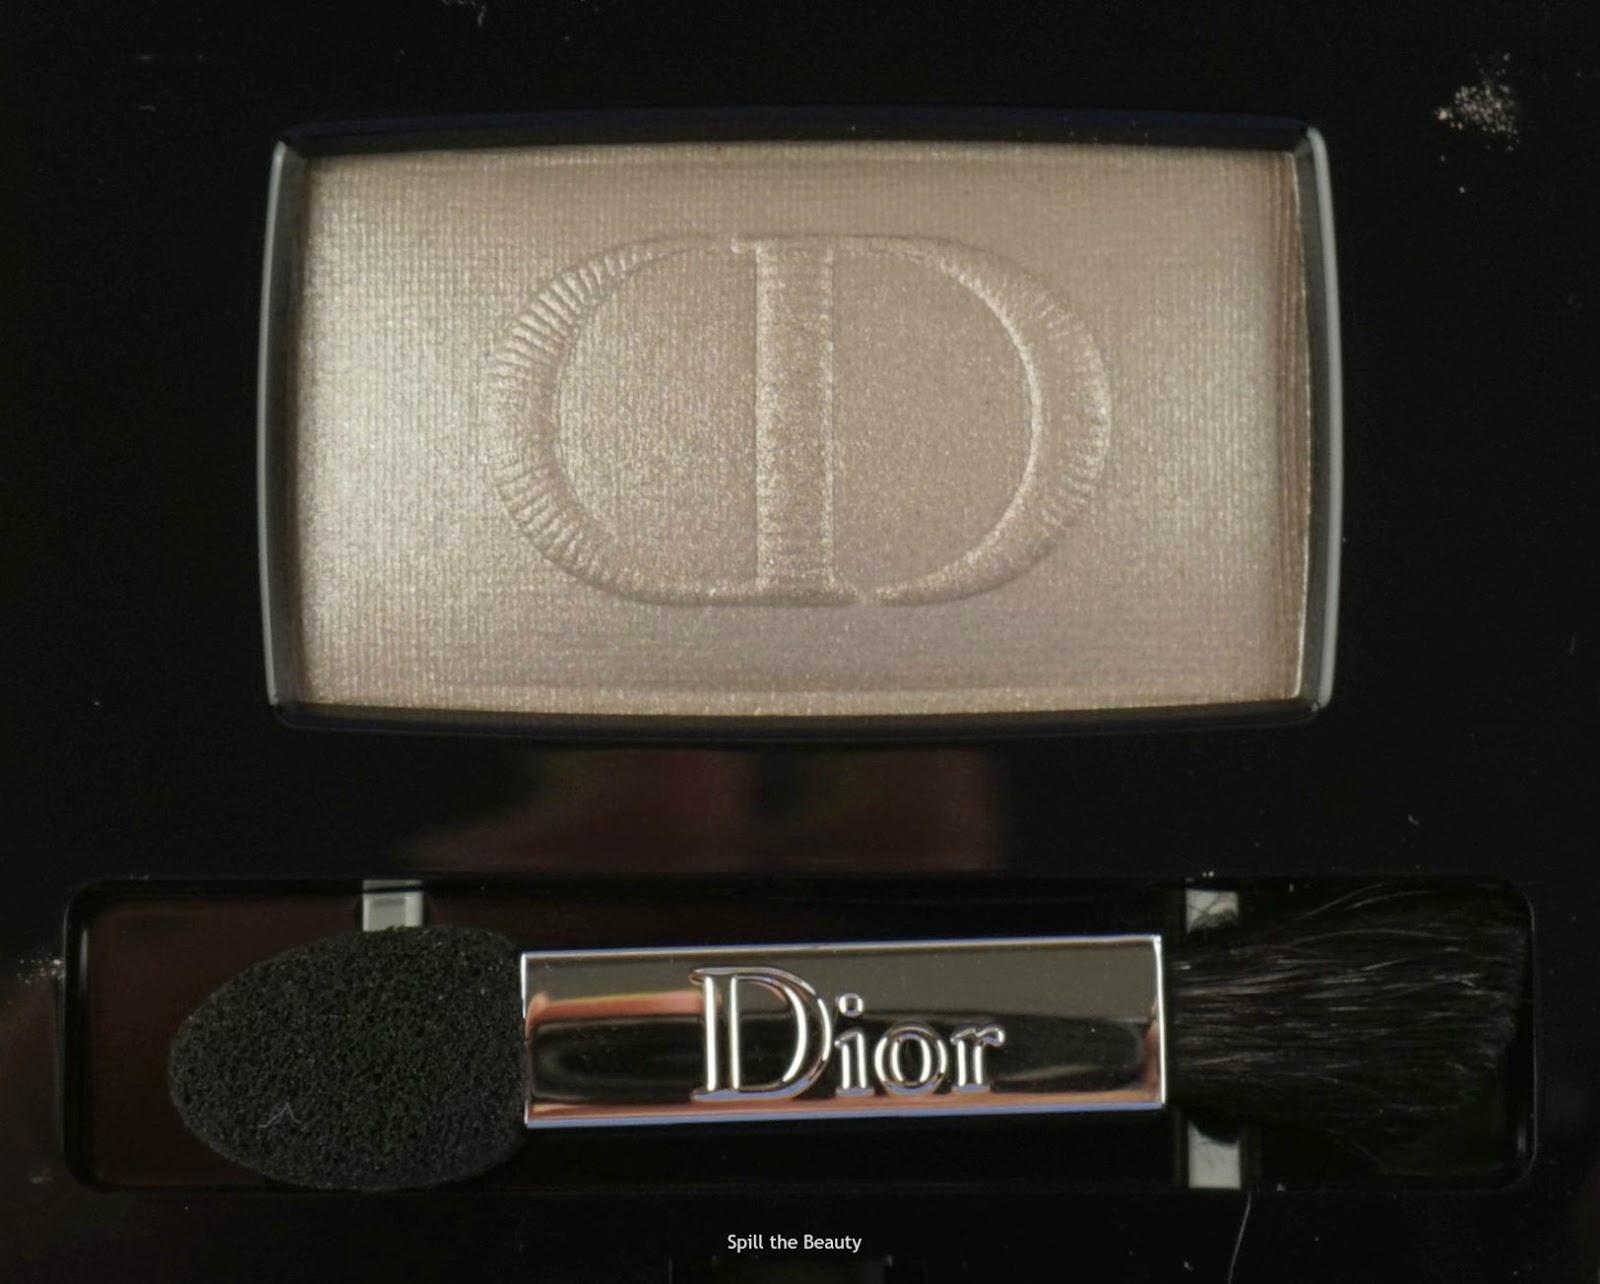 dior swatch